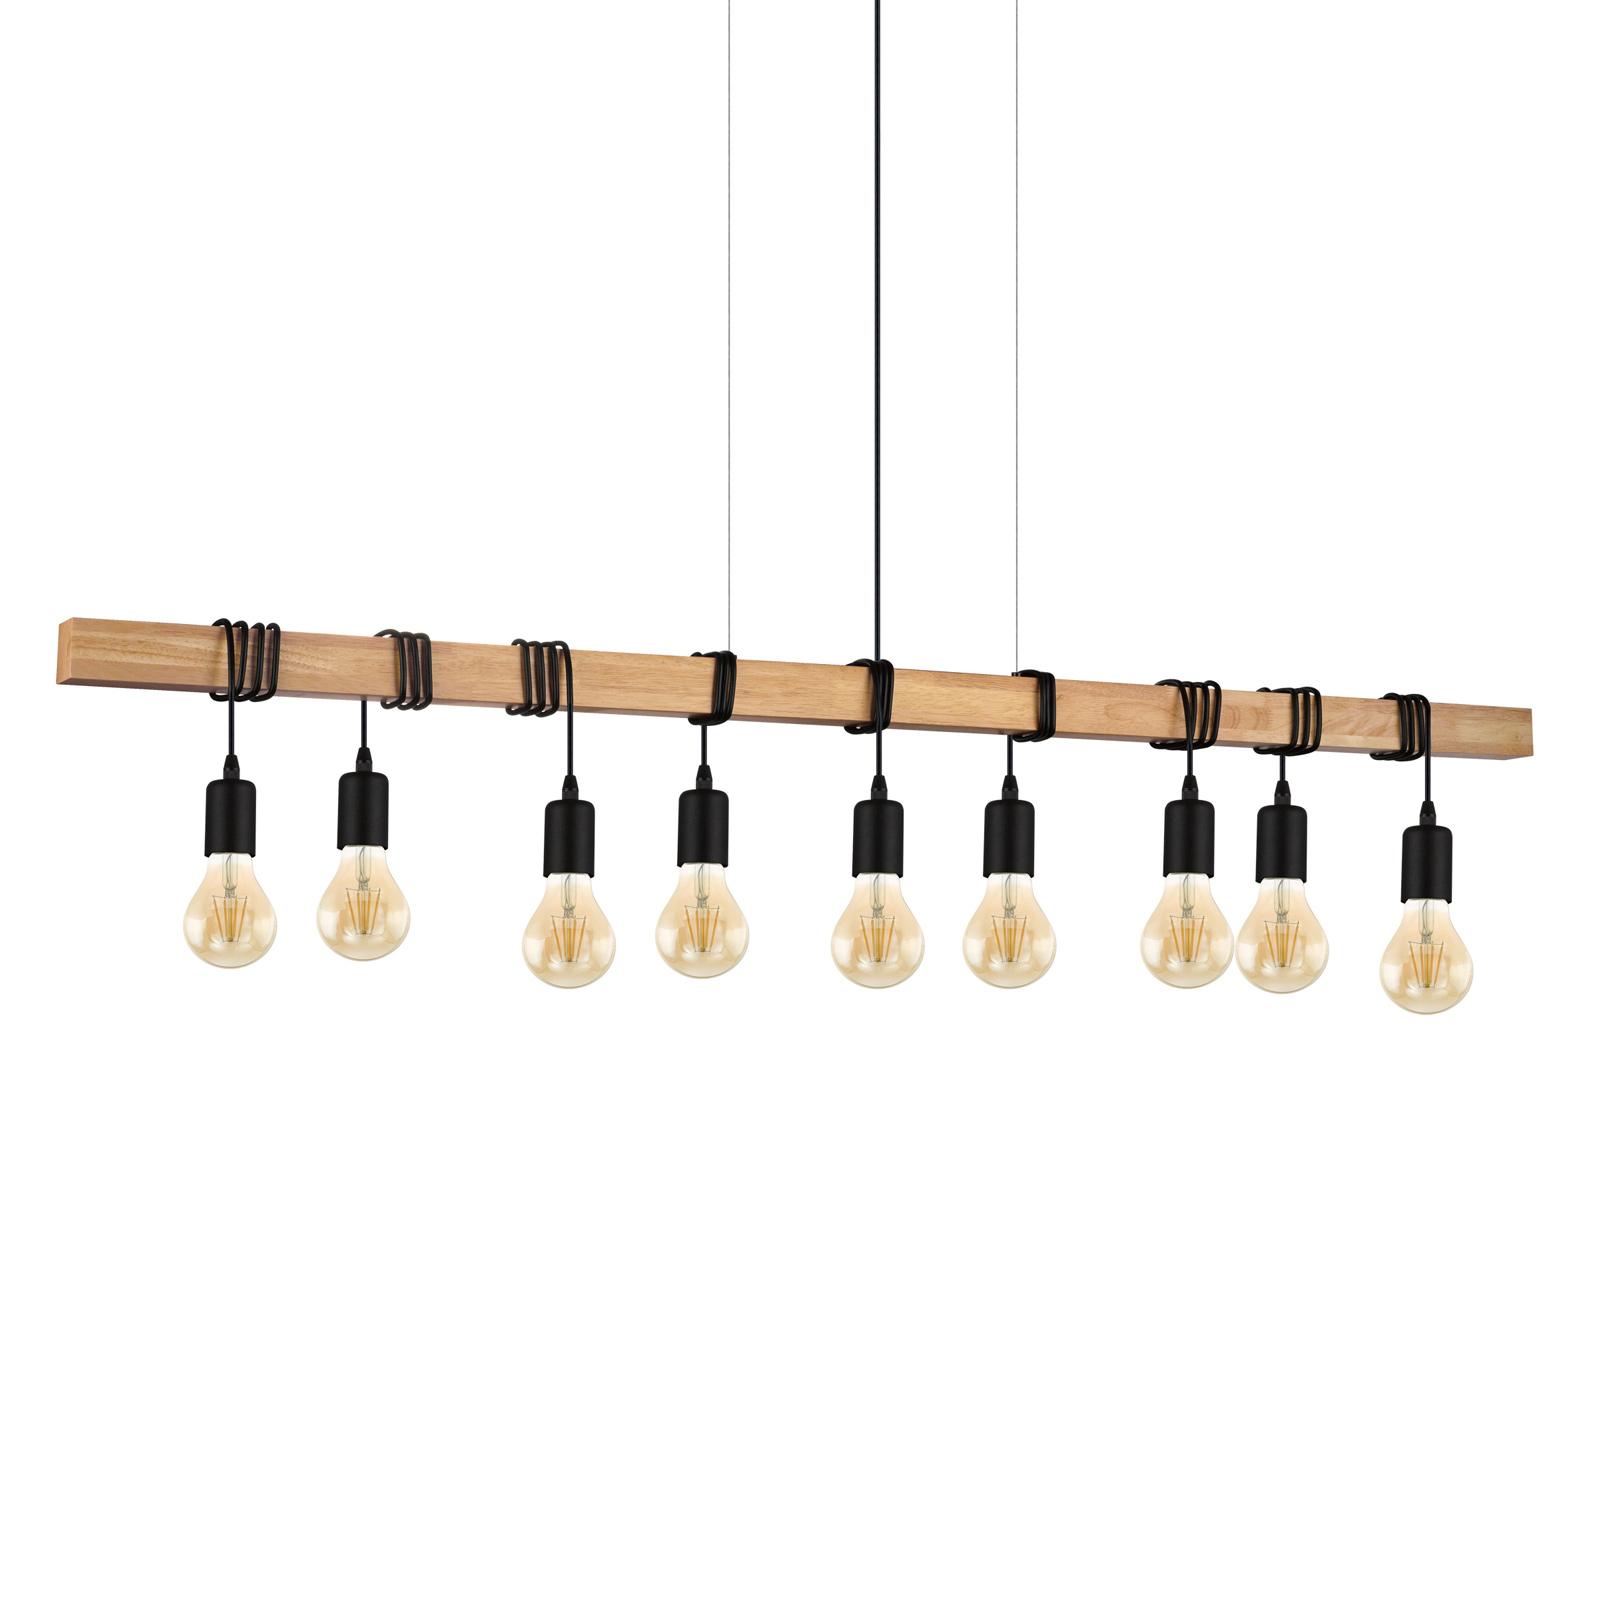 Lampa wisząca Townshend z drewna, 9-punktowa